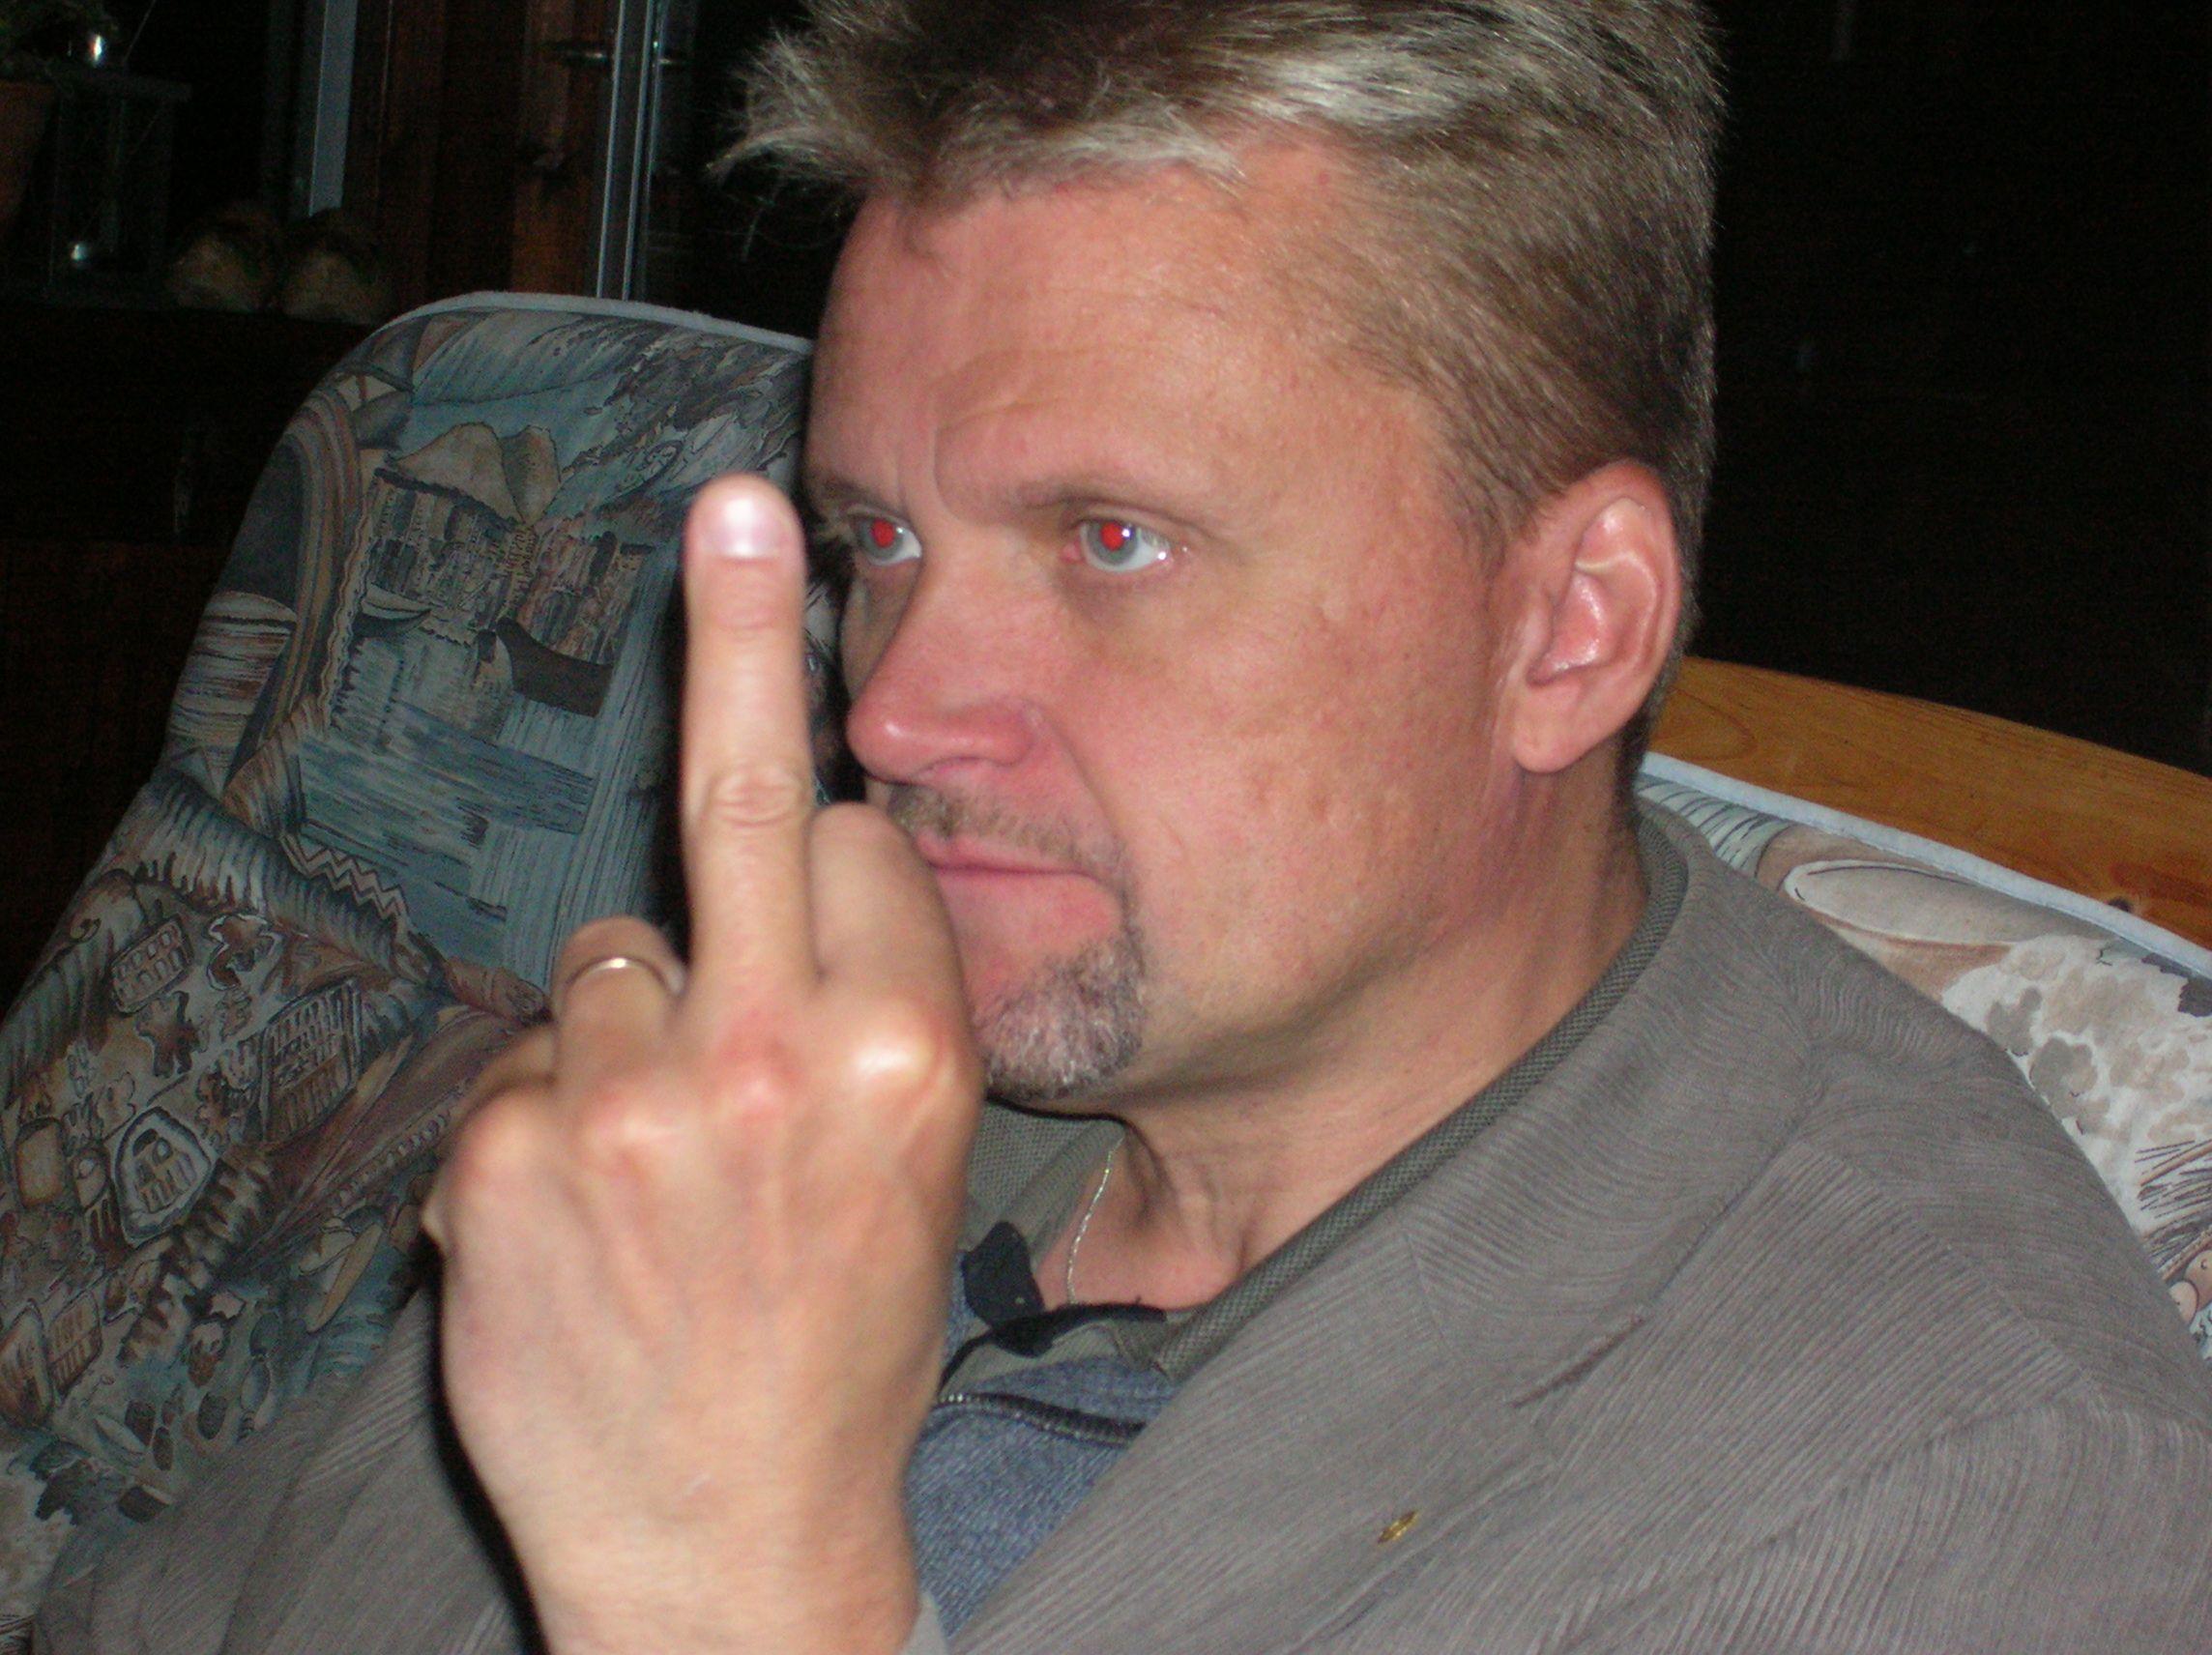 kvarnstensbockarna.se/image/bilder/2005/Möte hos Per 2005-06-11/Bild 10. Kan detta finger bero på att Janne inte vann tävlingen.jpg